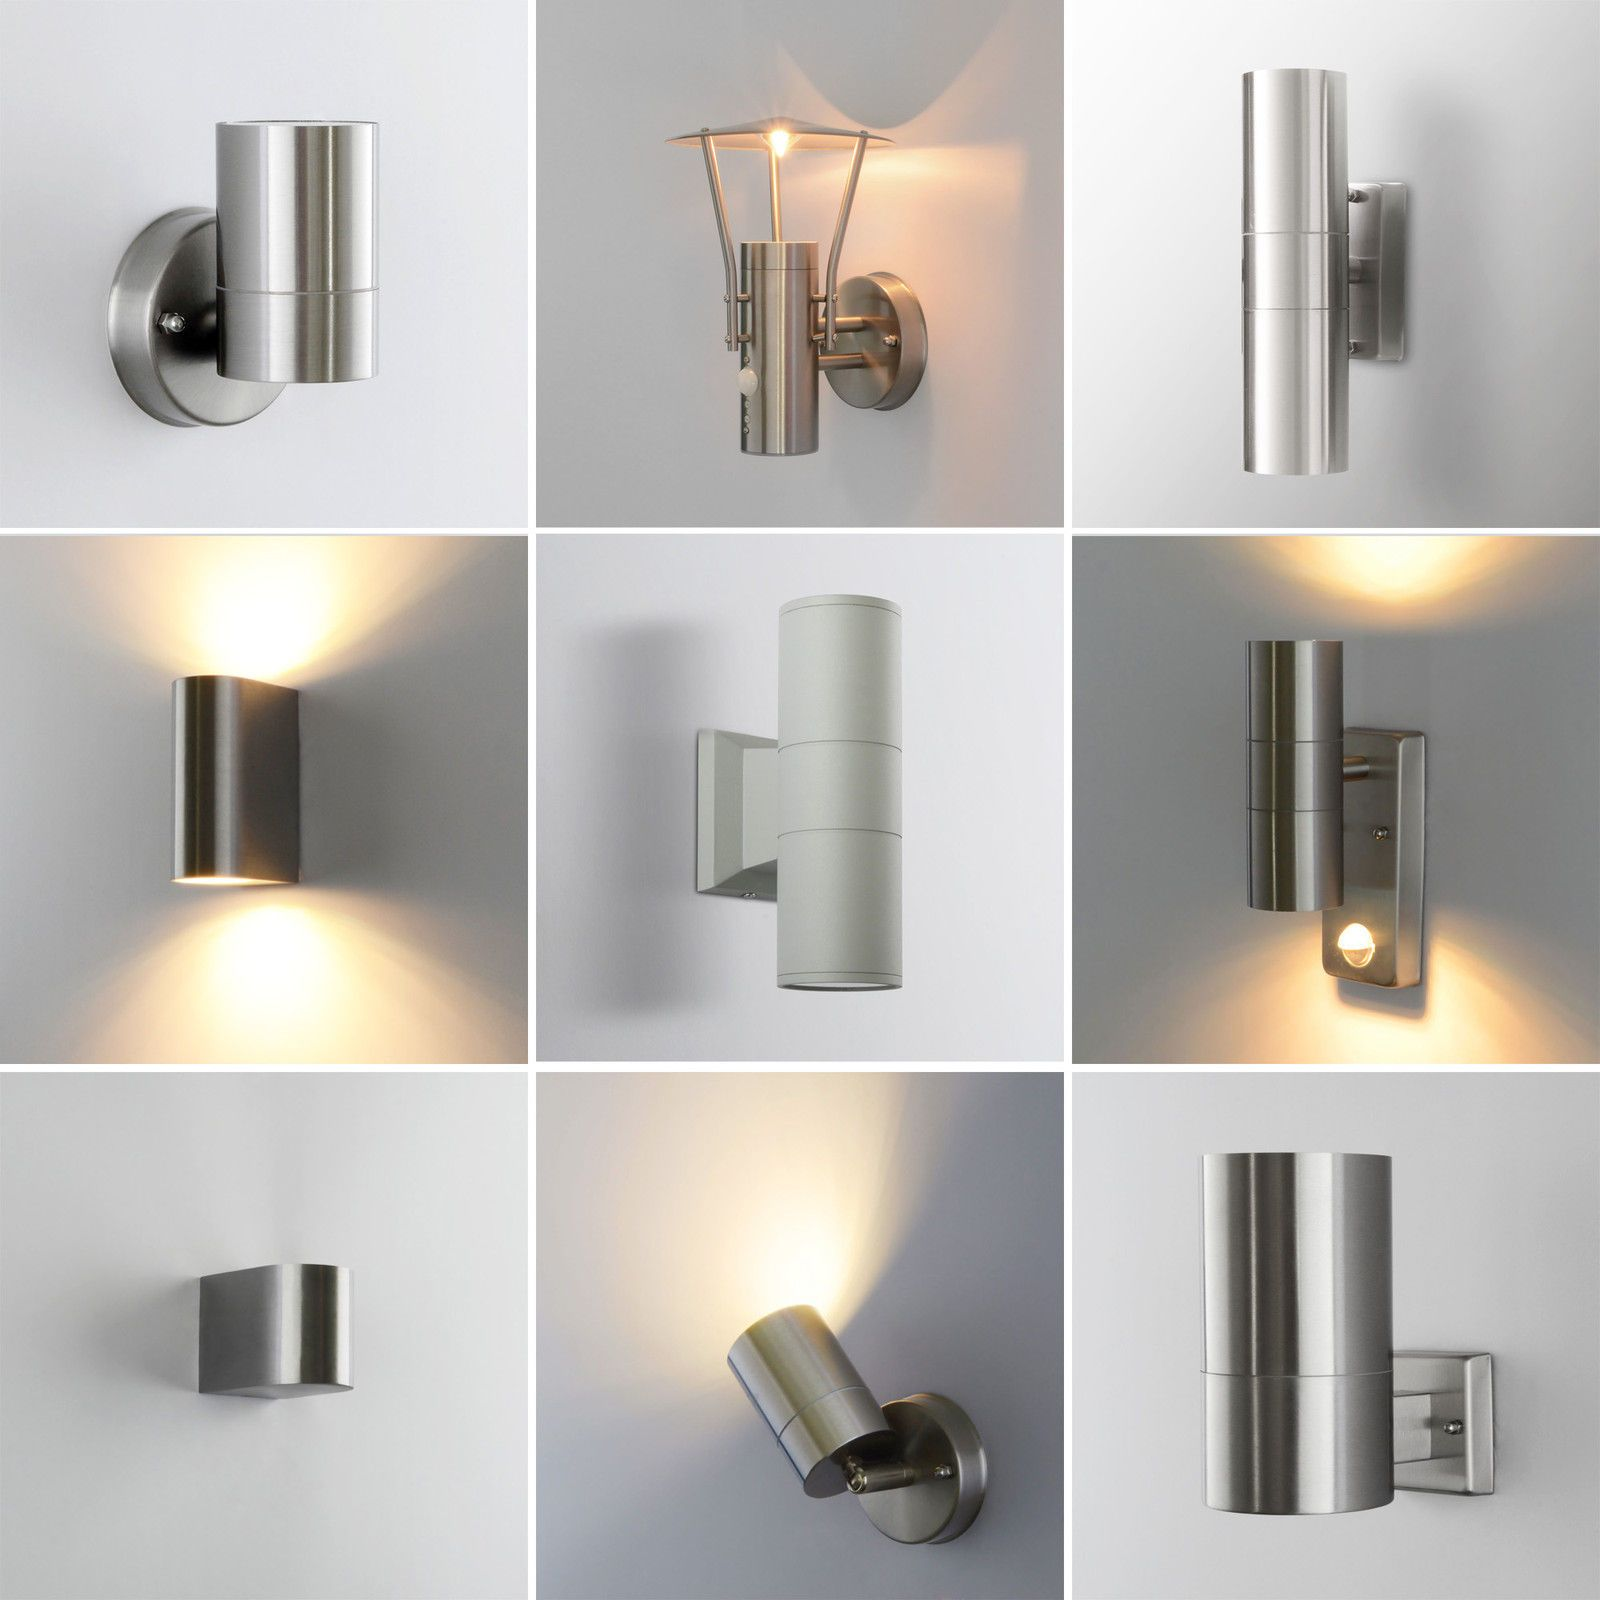 Details Zu Außenleuchte Außenwandleuchte Außenlampe Gartenlampe LED GU10  Edelstahl Lampe